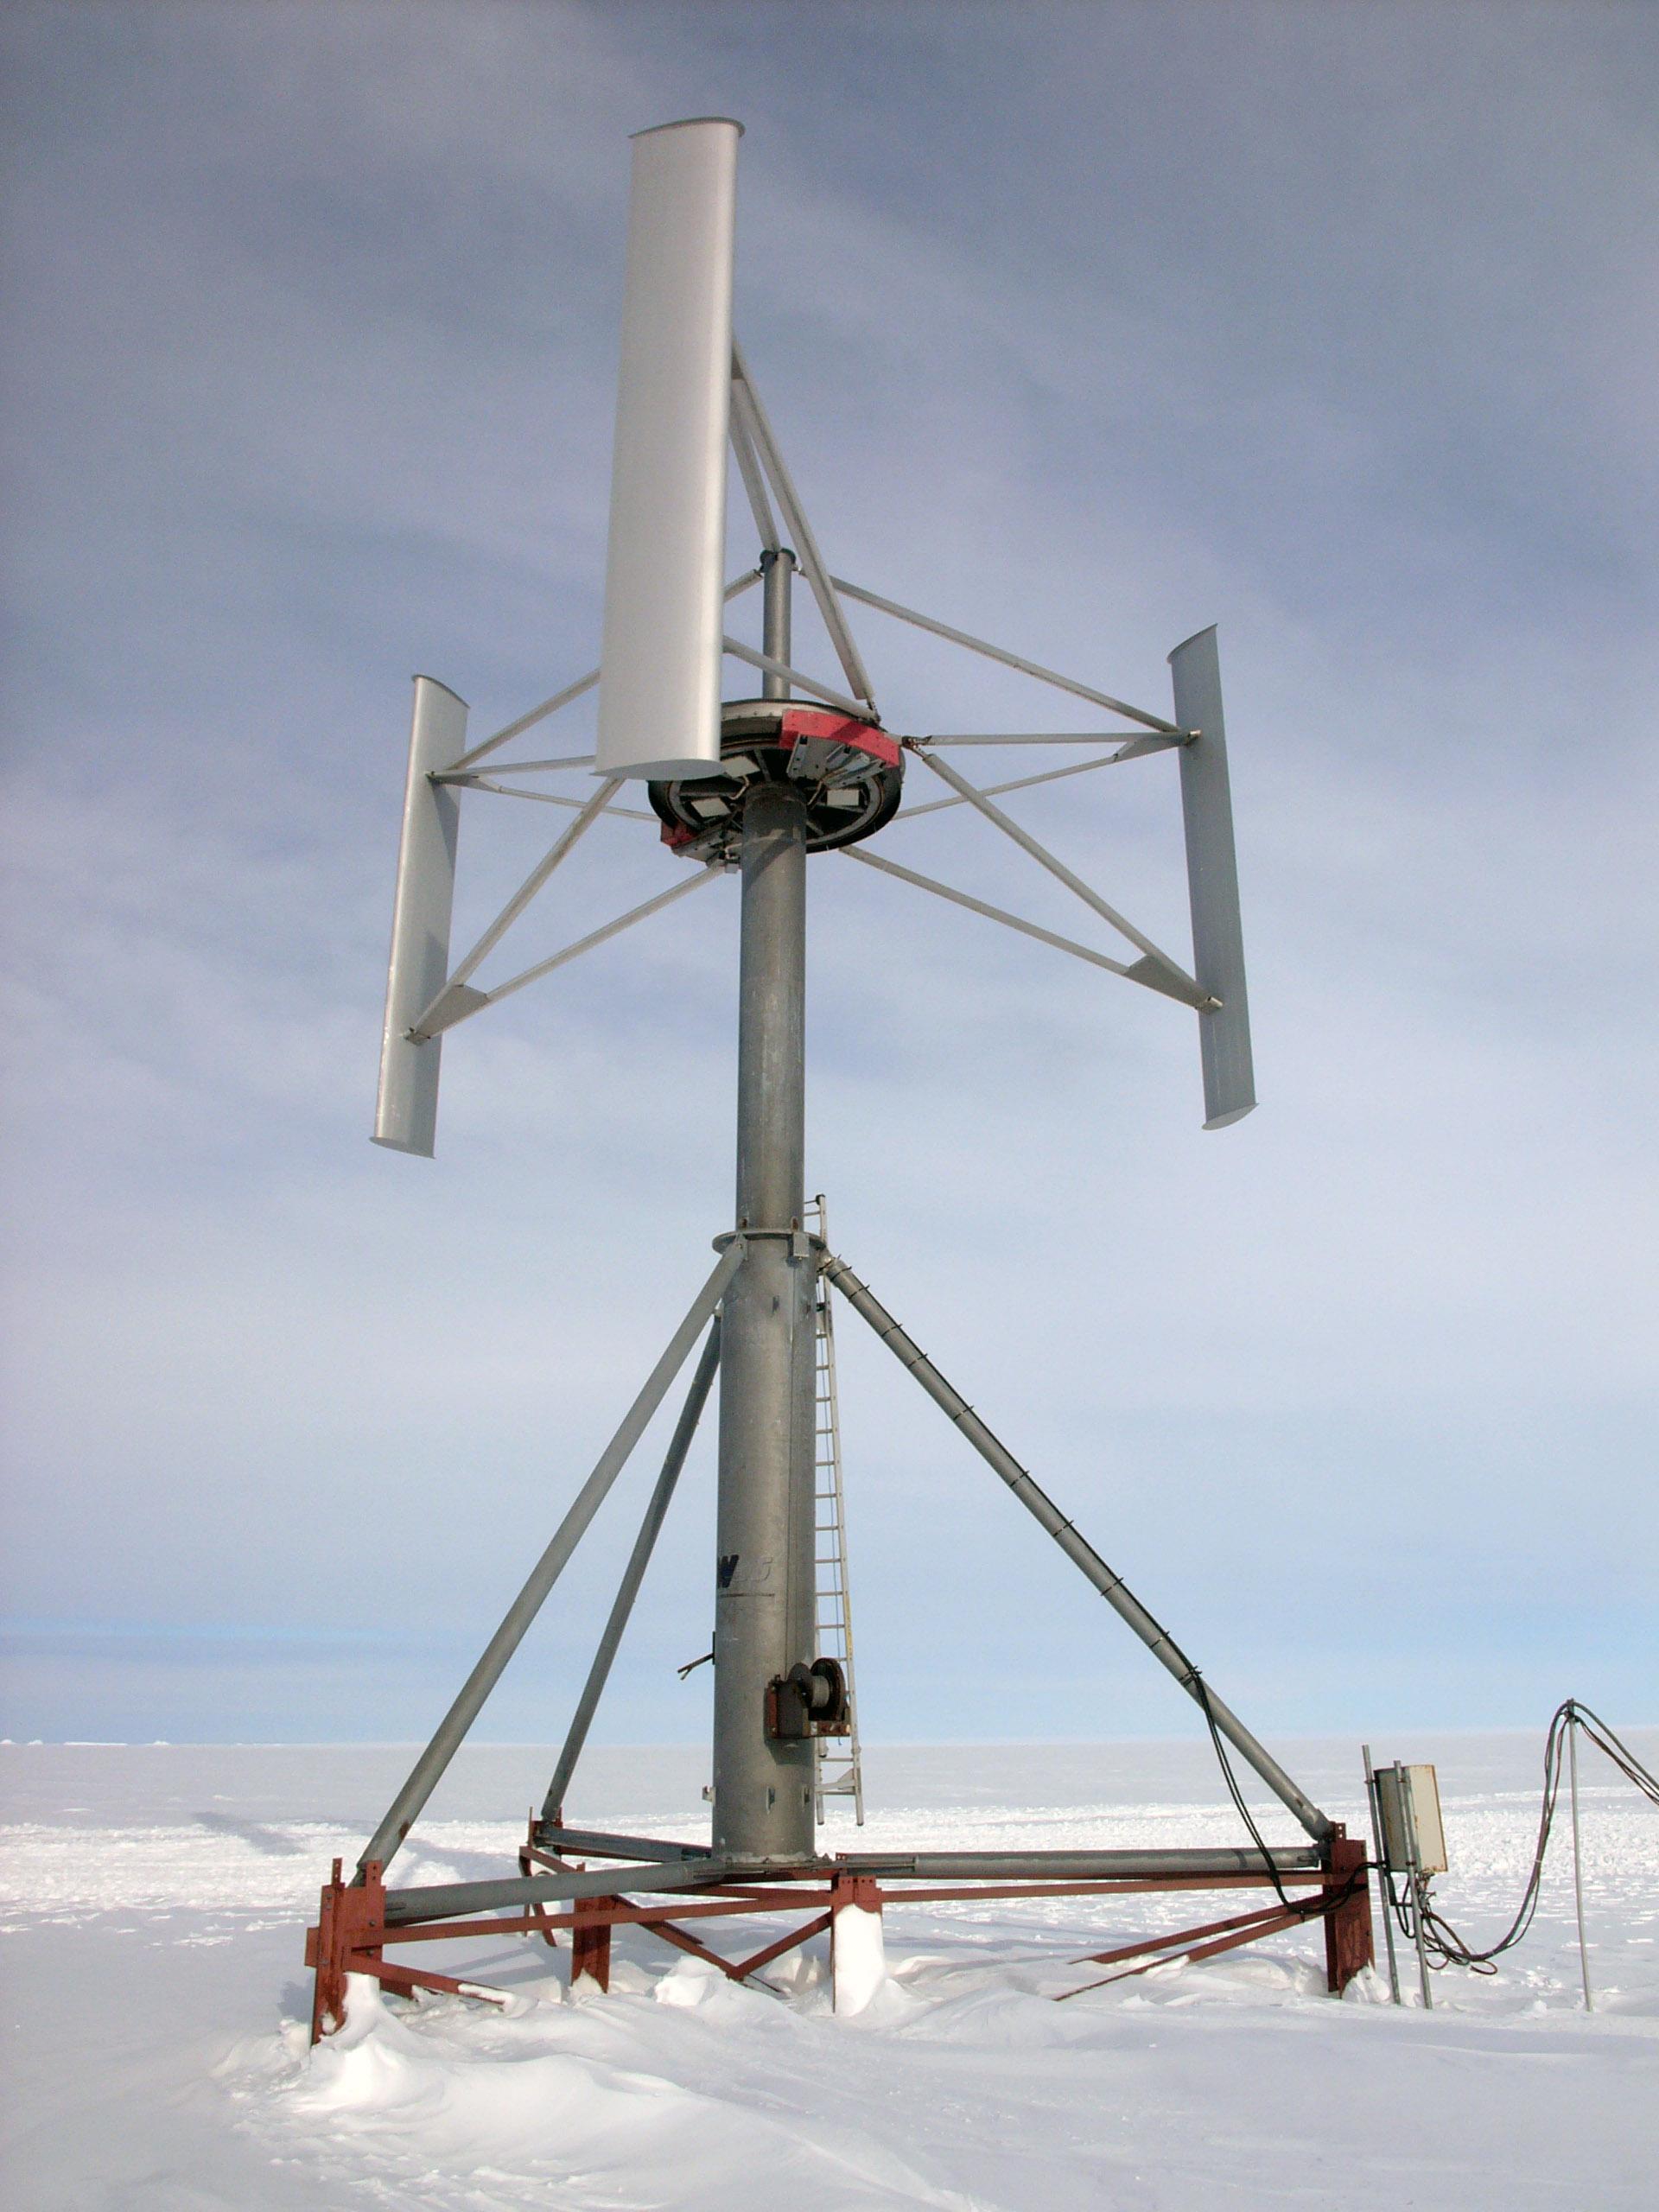 File:Windgenerator antarktis hg.jpg - Wikimedia Commons